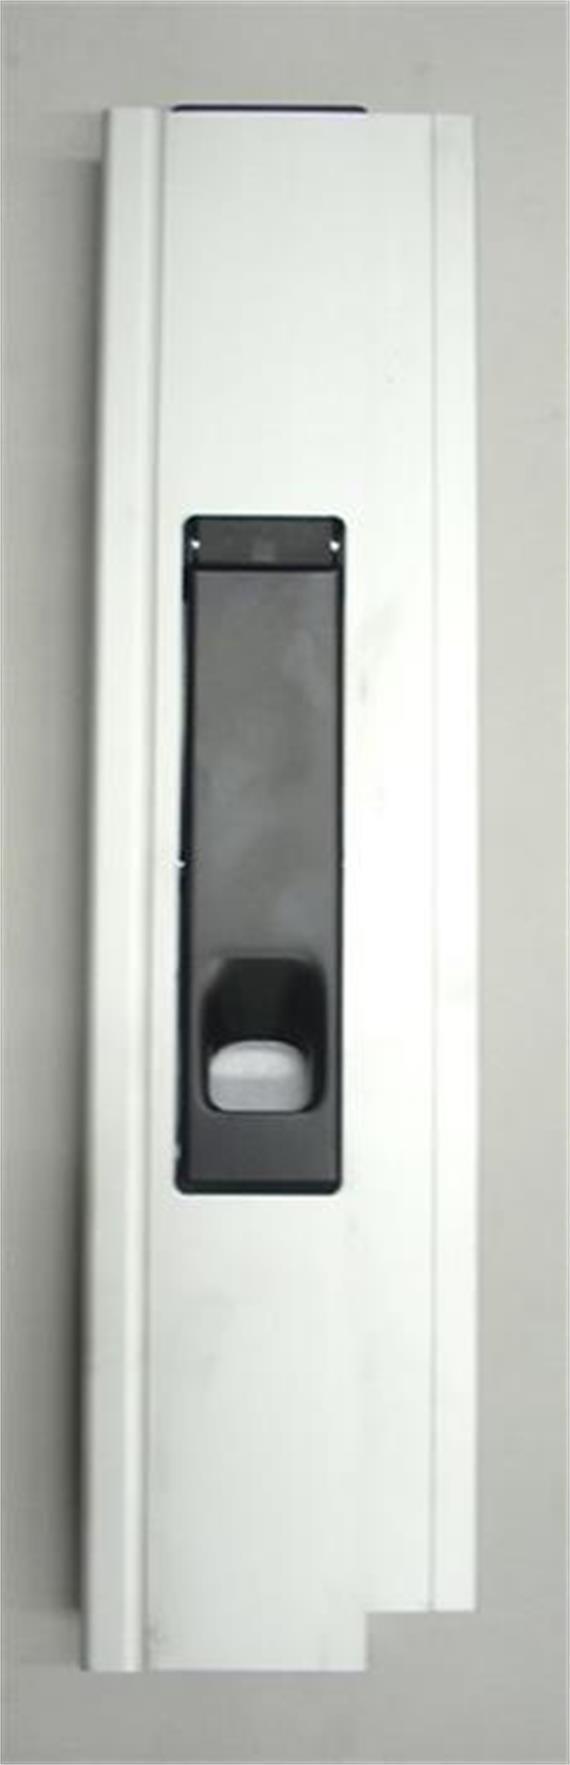 Bordwandverschluss BW 400 mm links